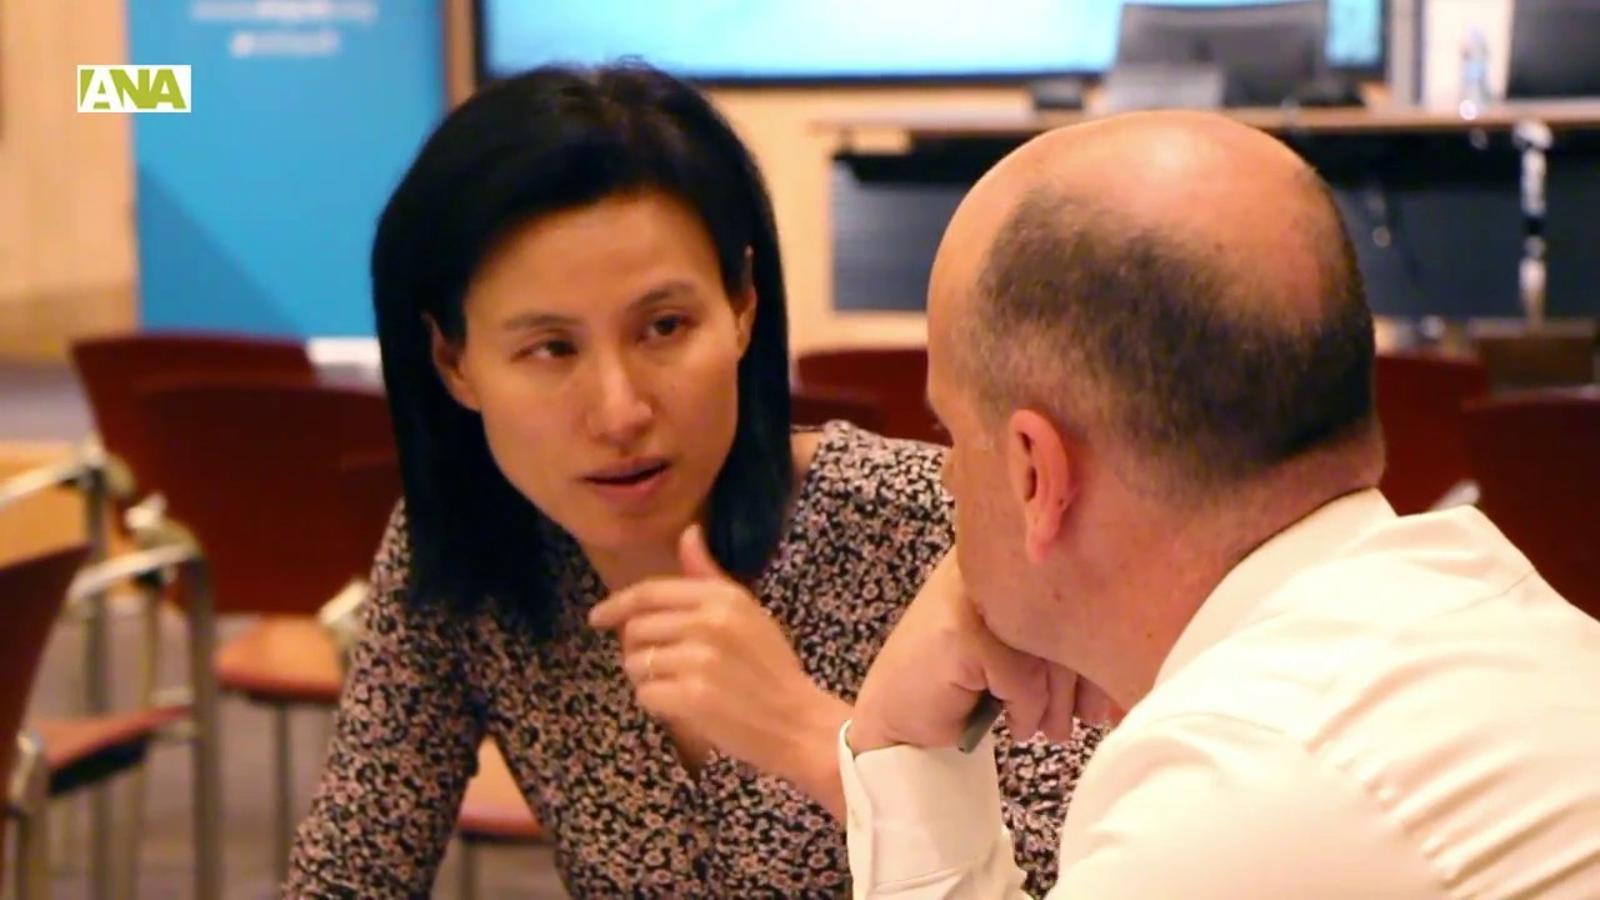 Els emprenedors del LAB Impact Andorra reben l'ajut de diferents mentors